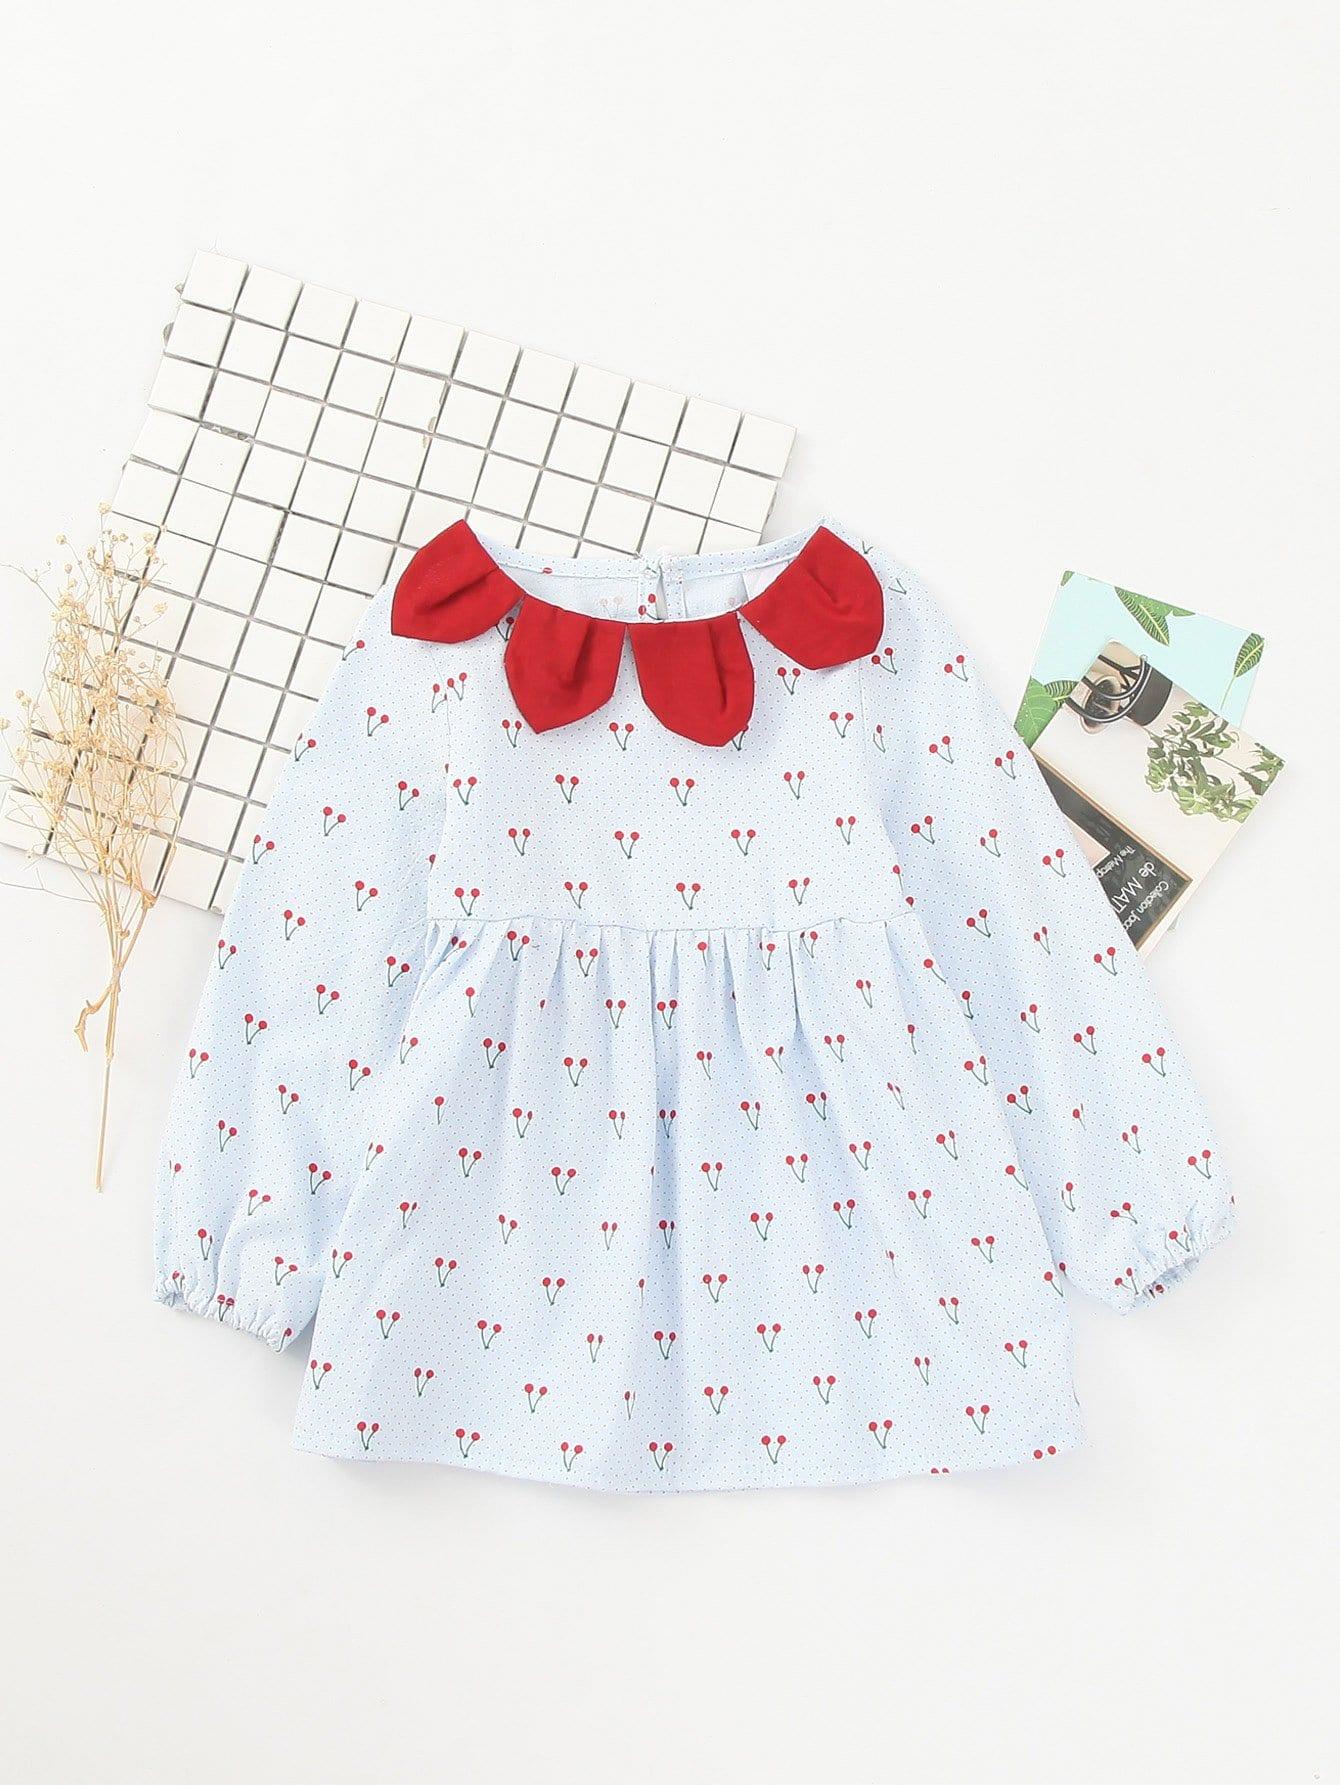 Купить Babydoll Платье и с рисунками вишен для девочки, null, SheIn